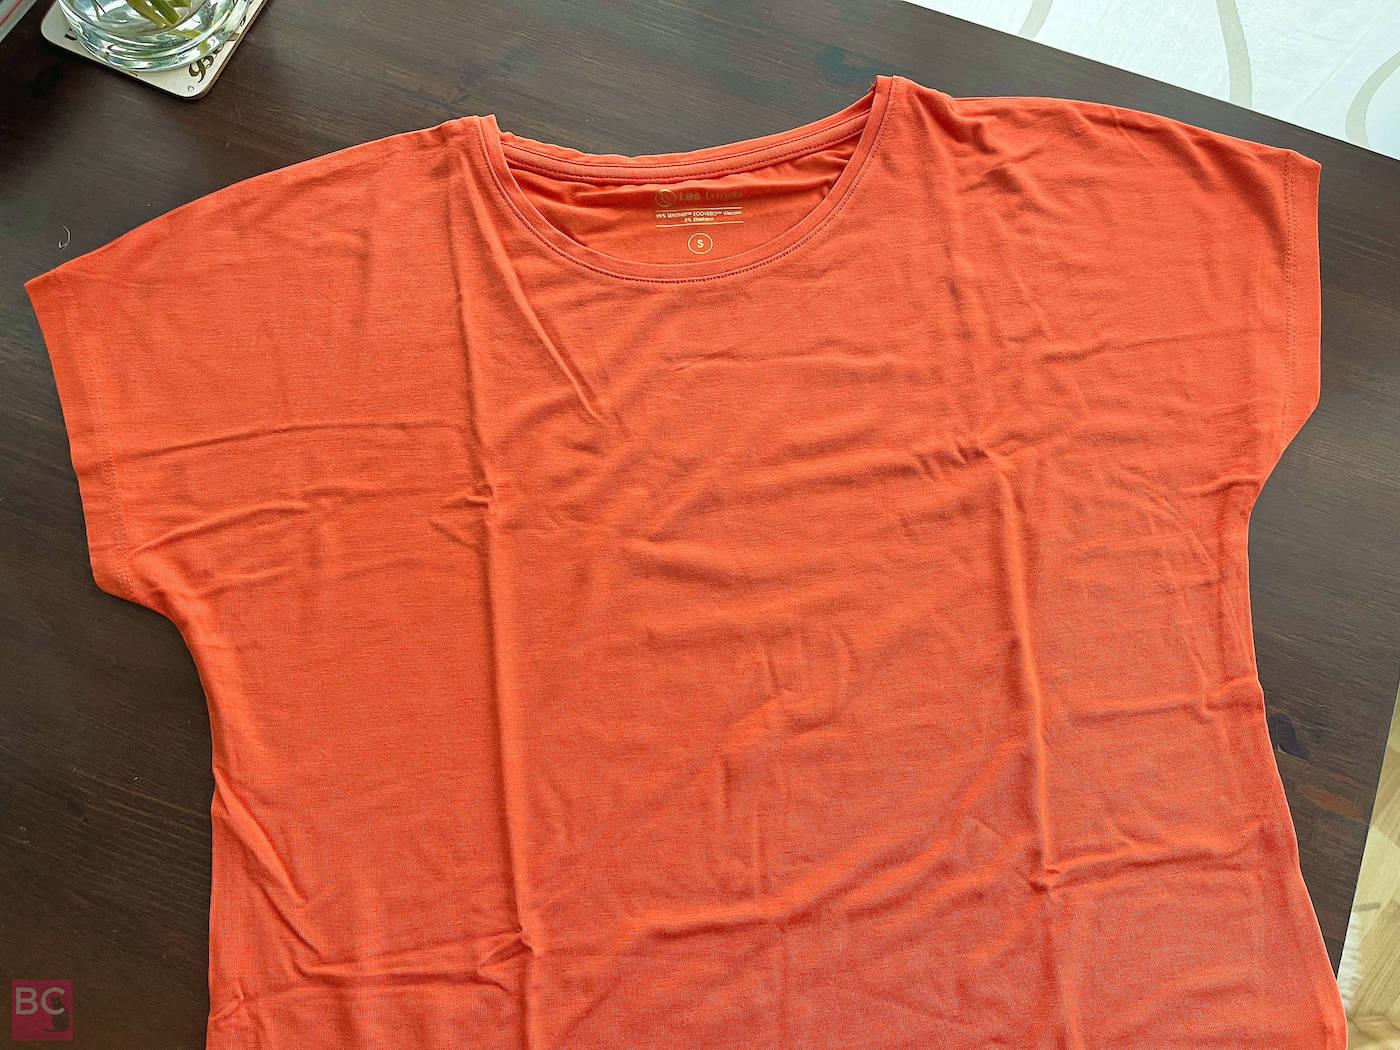 The Mia Shirt Les Lunes Erfahrungen vorne Details frisch ausgepackt